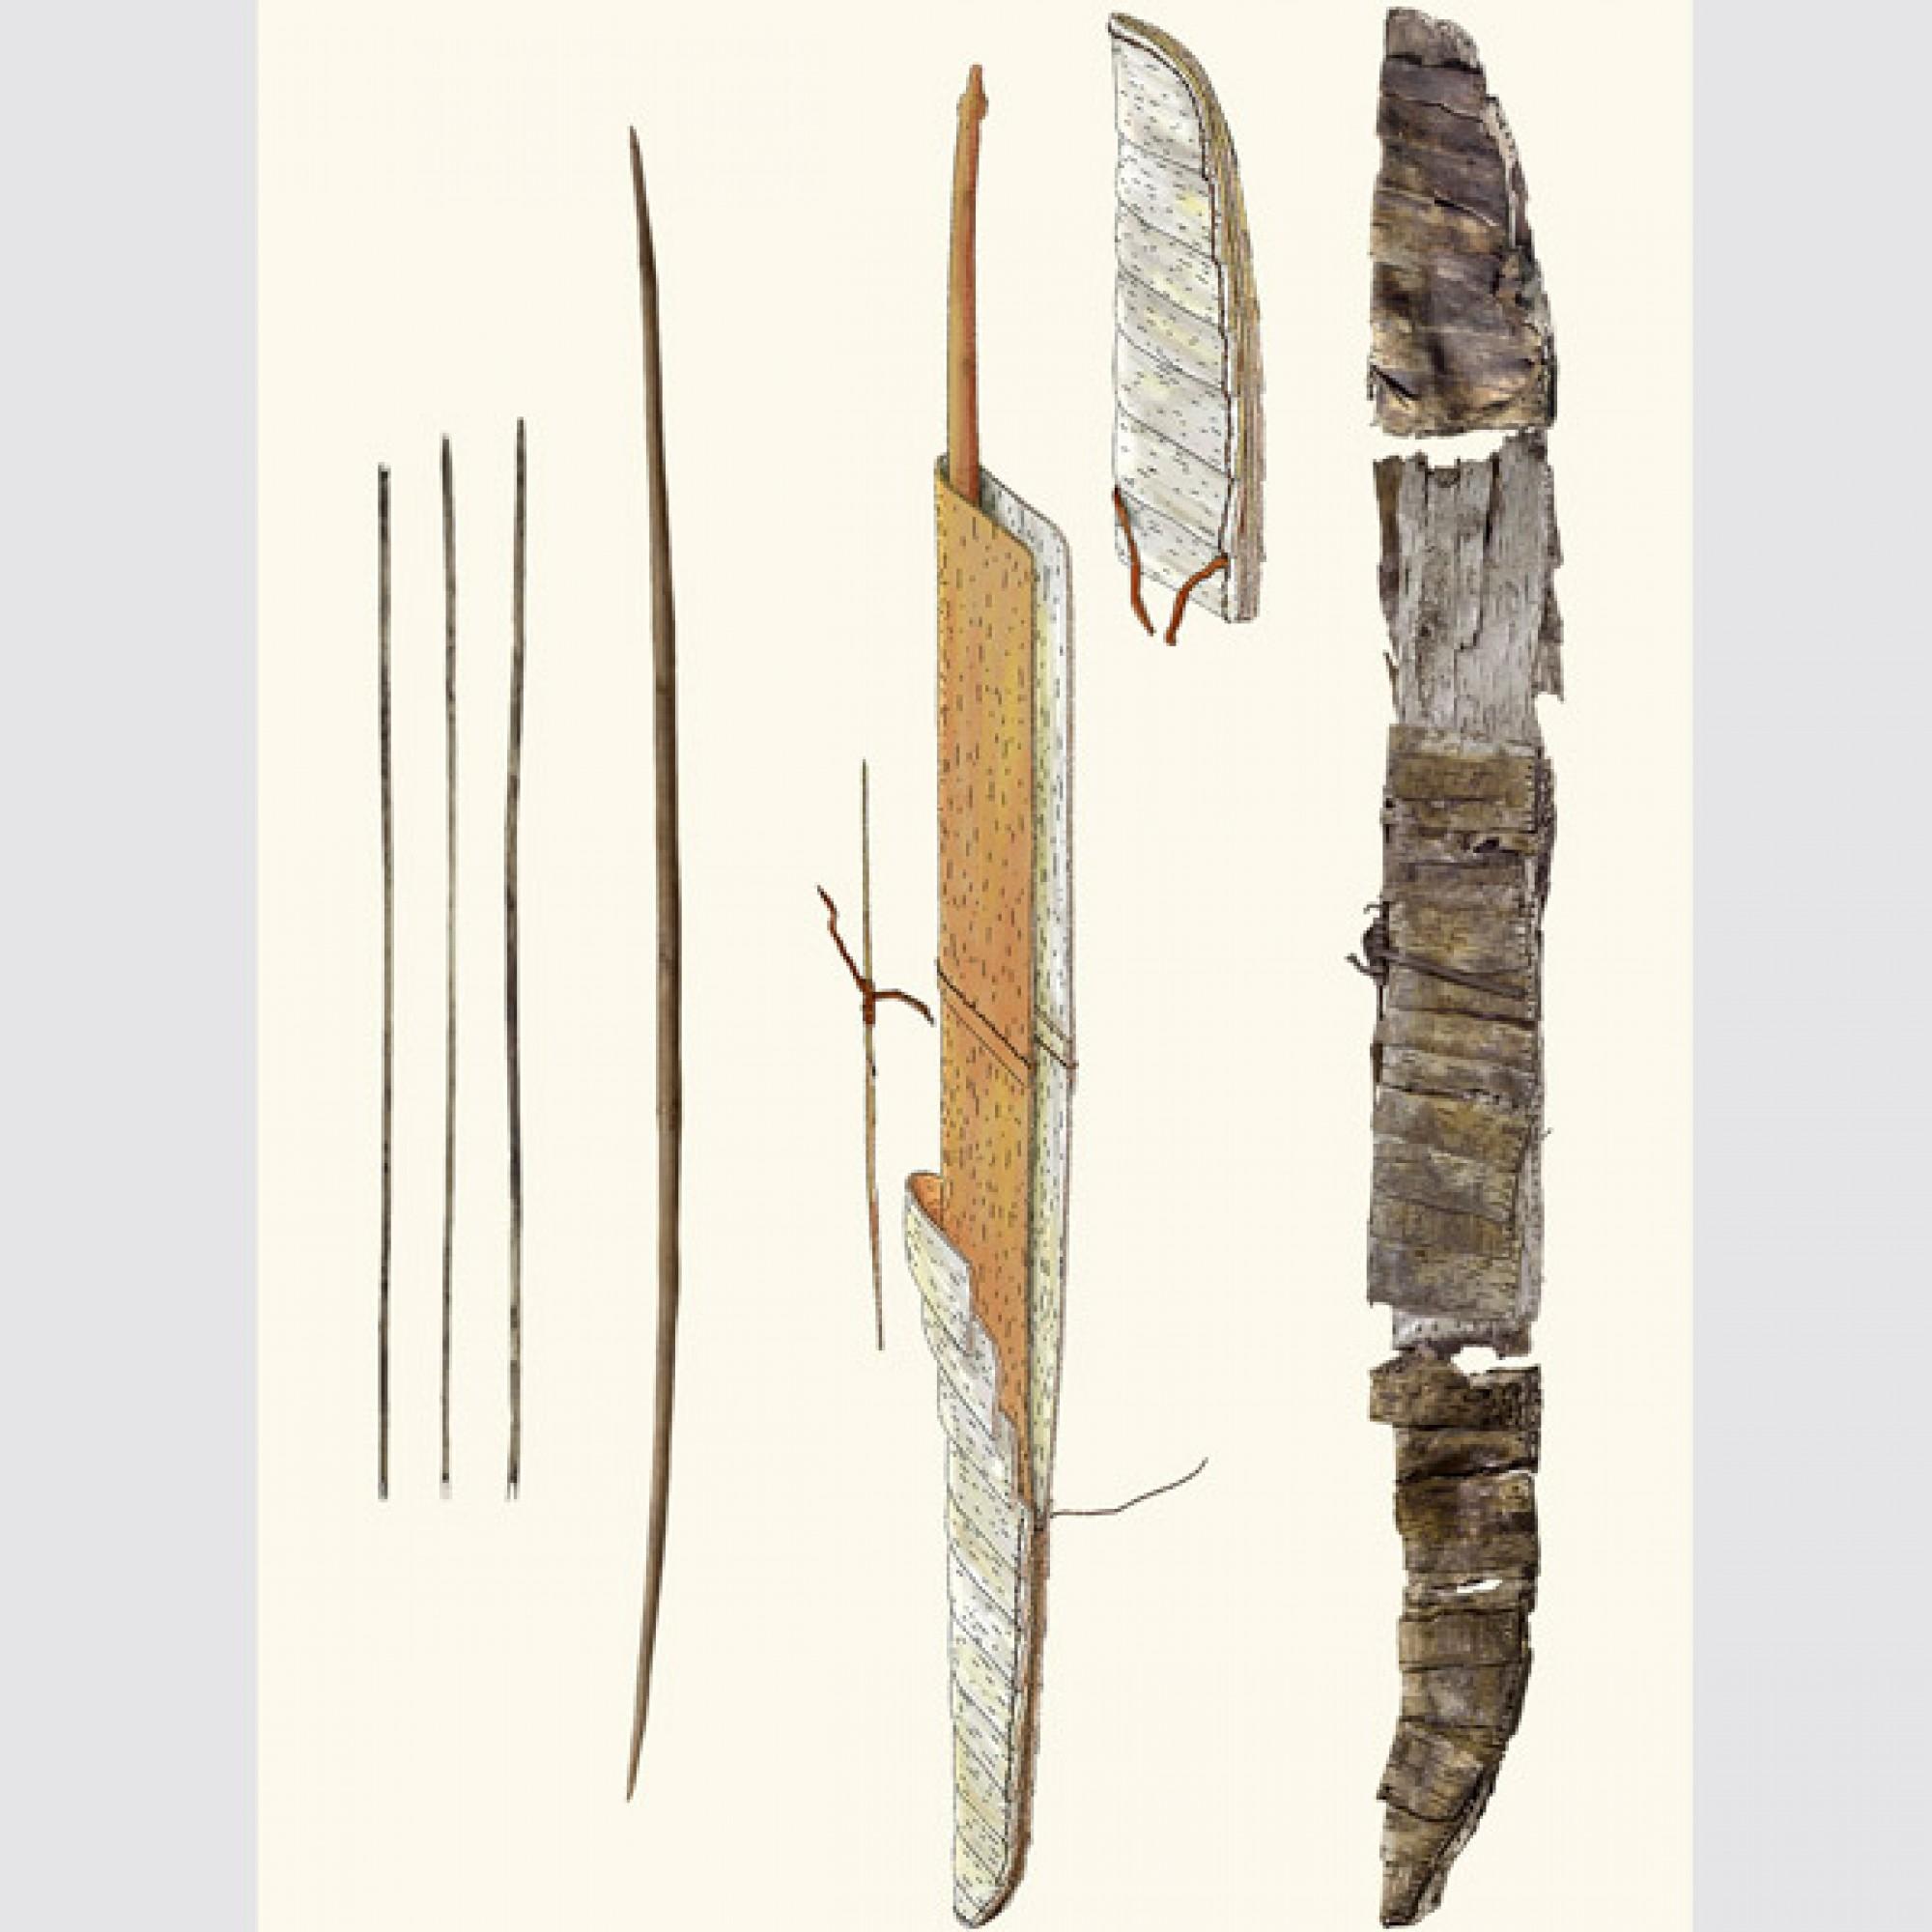 So sahen Pfeil und Bogen aus, dem Jäger gehörten. (PD)